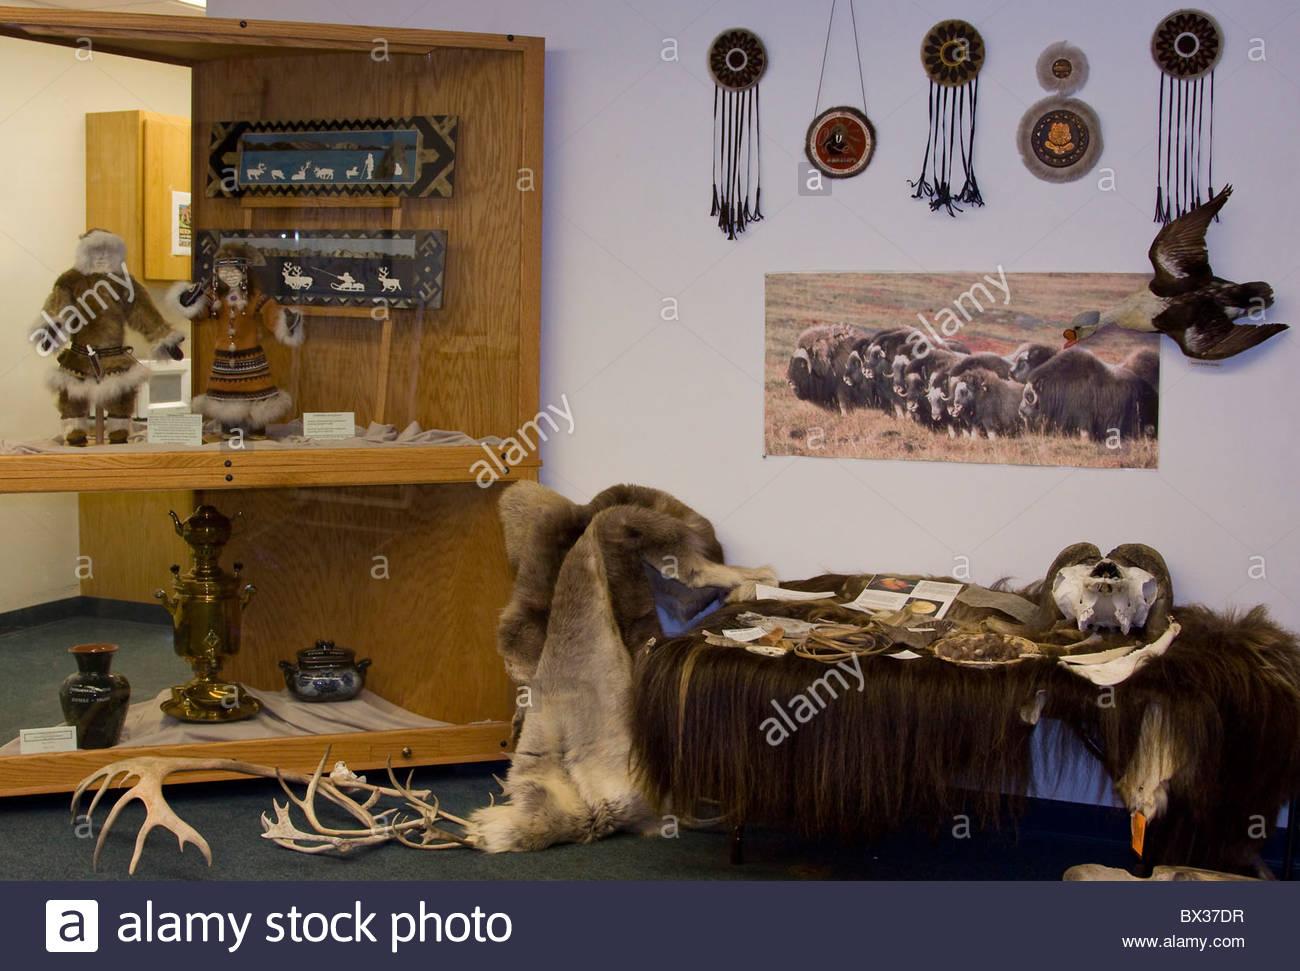 De l'Alaska. La Béringie affichage illustrant l'art, la culture et les animaux de l'influence de Photo Stock